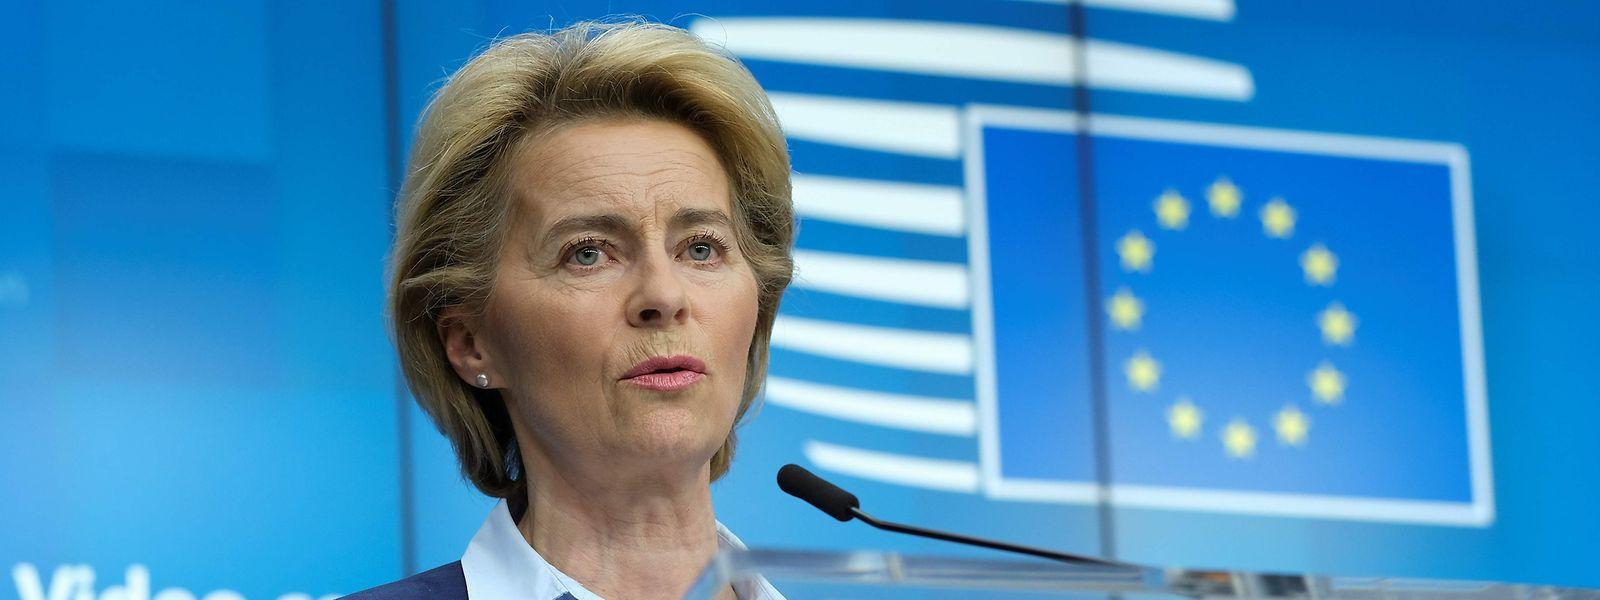 Ursula von der Leyen, la présidente de la Commission se lancera dans un exercice particulièrement périlleux ce mercredi, avec la solidarité européenne en toile de fond